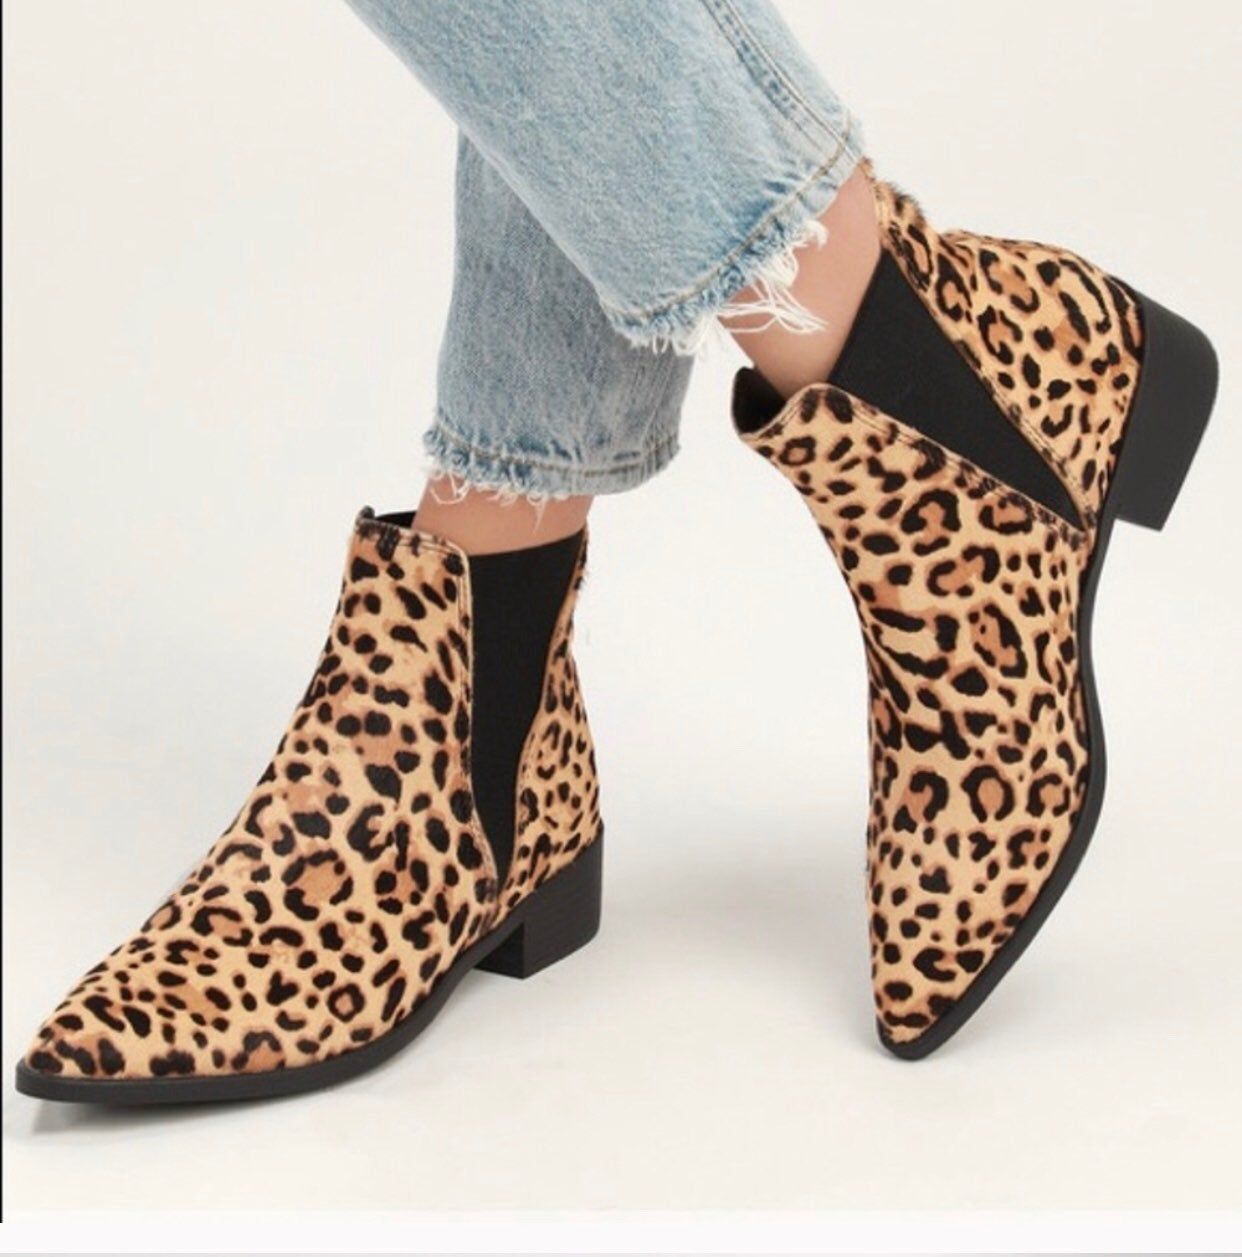 Steve Madden Jerry Leopard Calf Booties